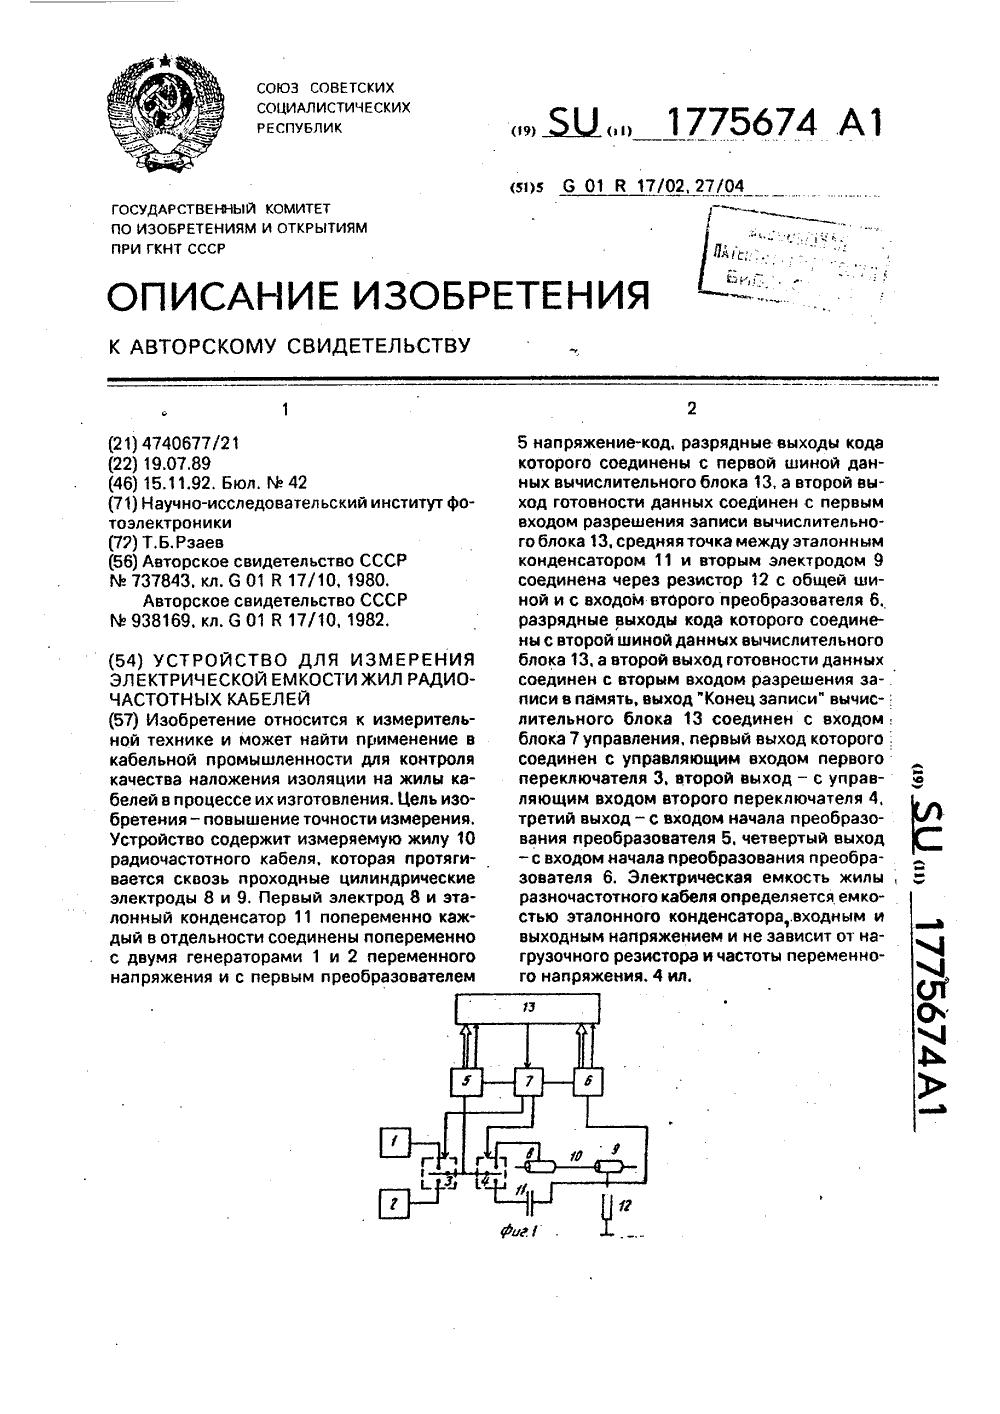 схема устройств электрической емкости